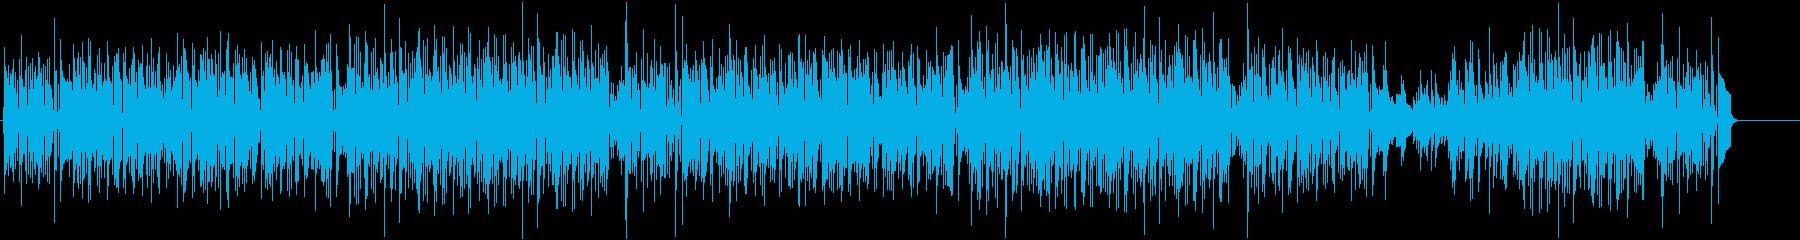 ほのぼのした日常系のボサノバポップスの再生済みの波形